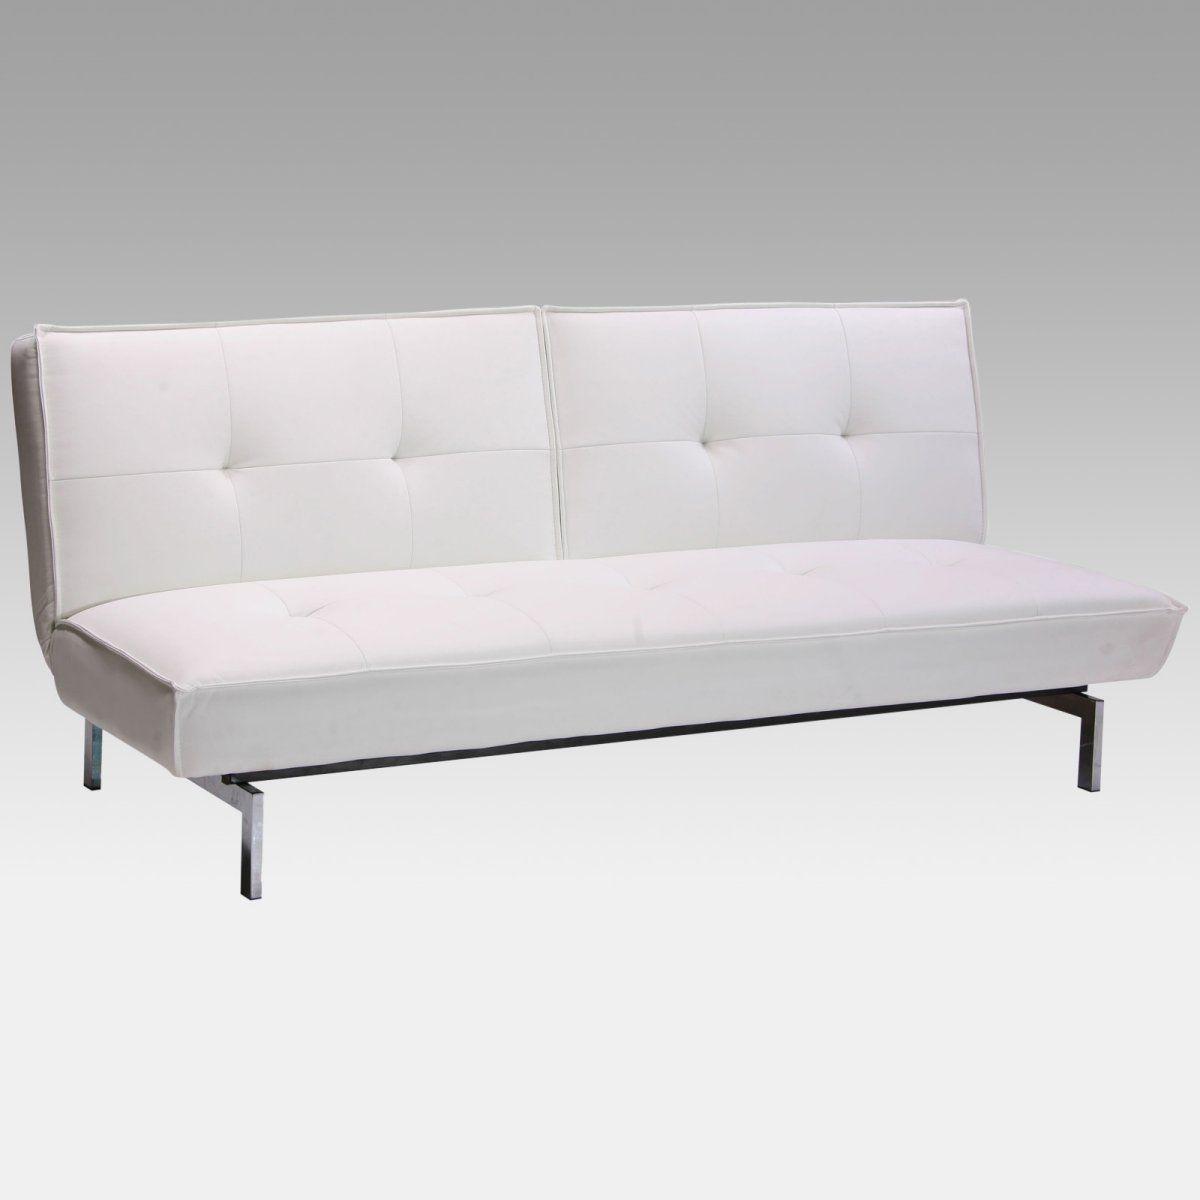 Belle White Faux Leather Convertible Sofa Leather Futon Futon Sofa Sofa